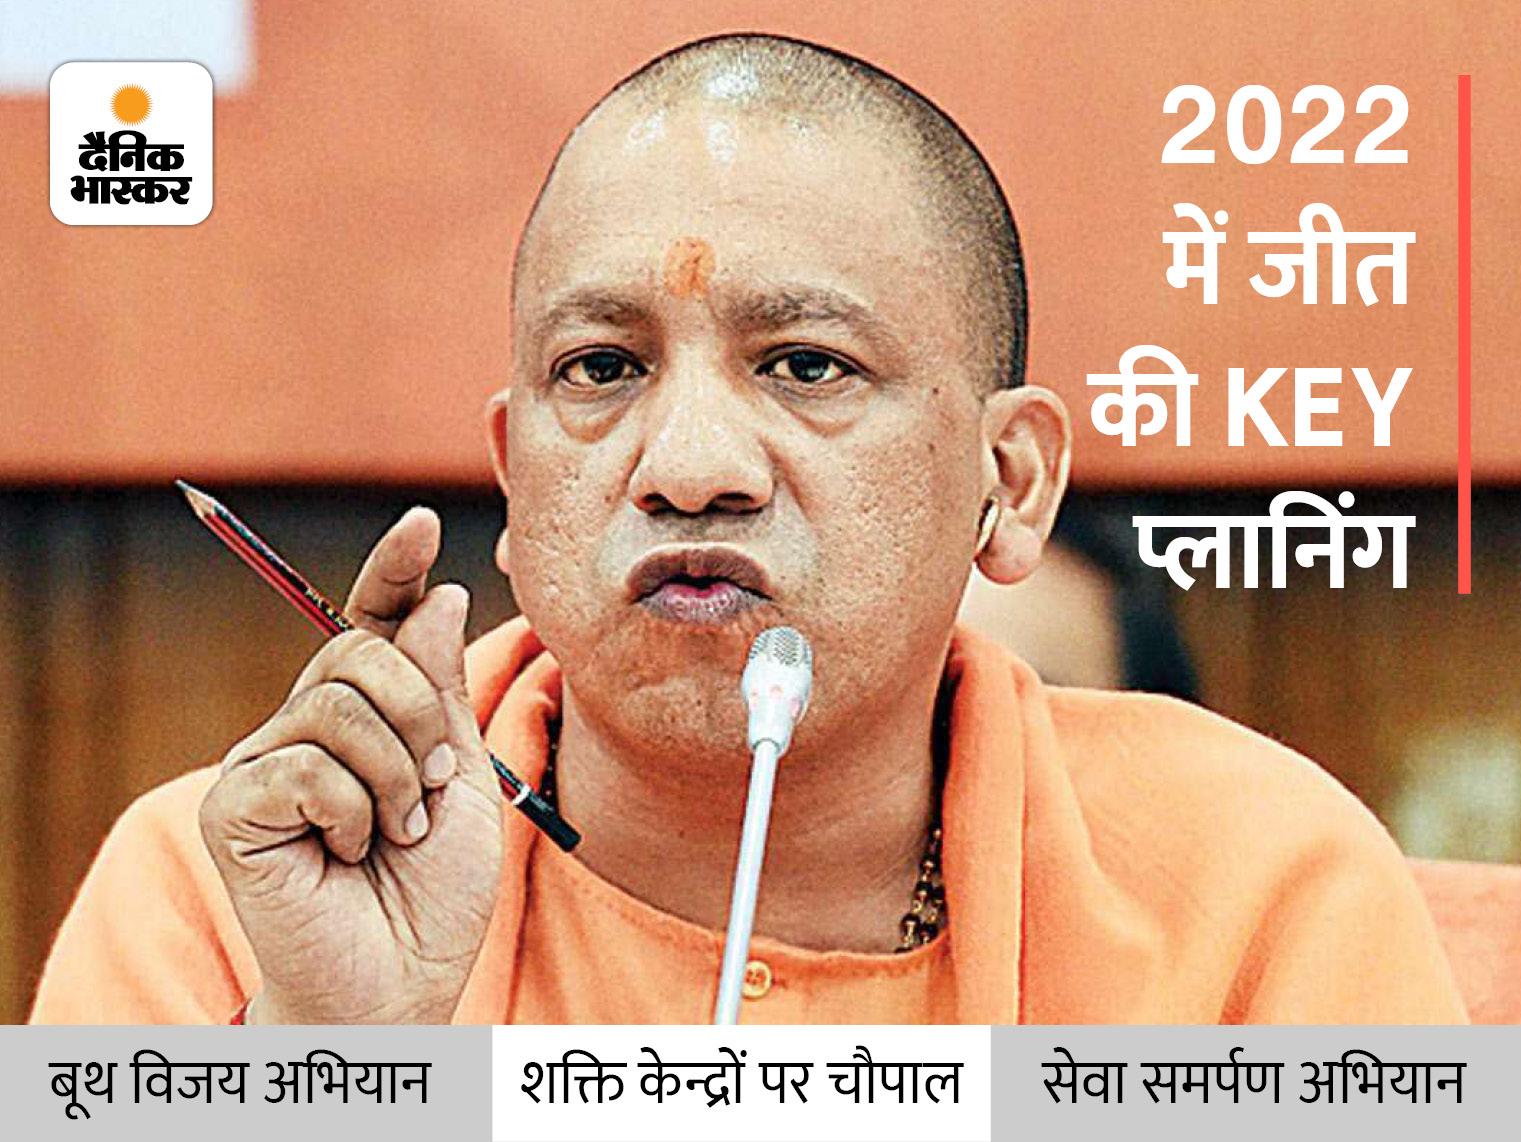 योगी सरकार के साढ़े चार साल होने पर राज्य के 27700 शक्ति केंद्रों पर लगेगी चुनावी चौपाल, प्रधानमंत्री का बर्थडे भी मनेगा लखनऊ,Lucknow - Dainik Bhaskar